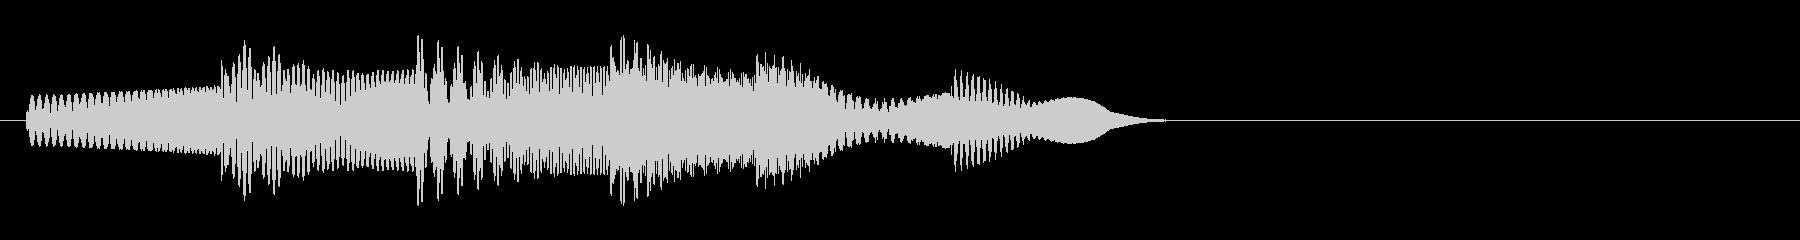 KANTアイキャッチソフト電子音1の未再生の波形